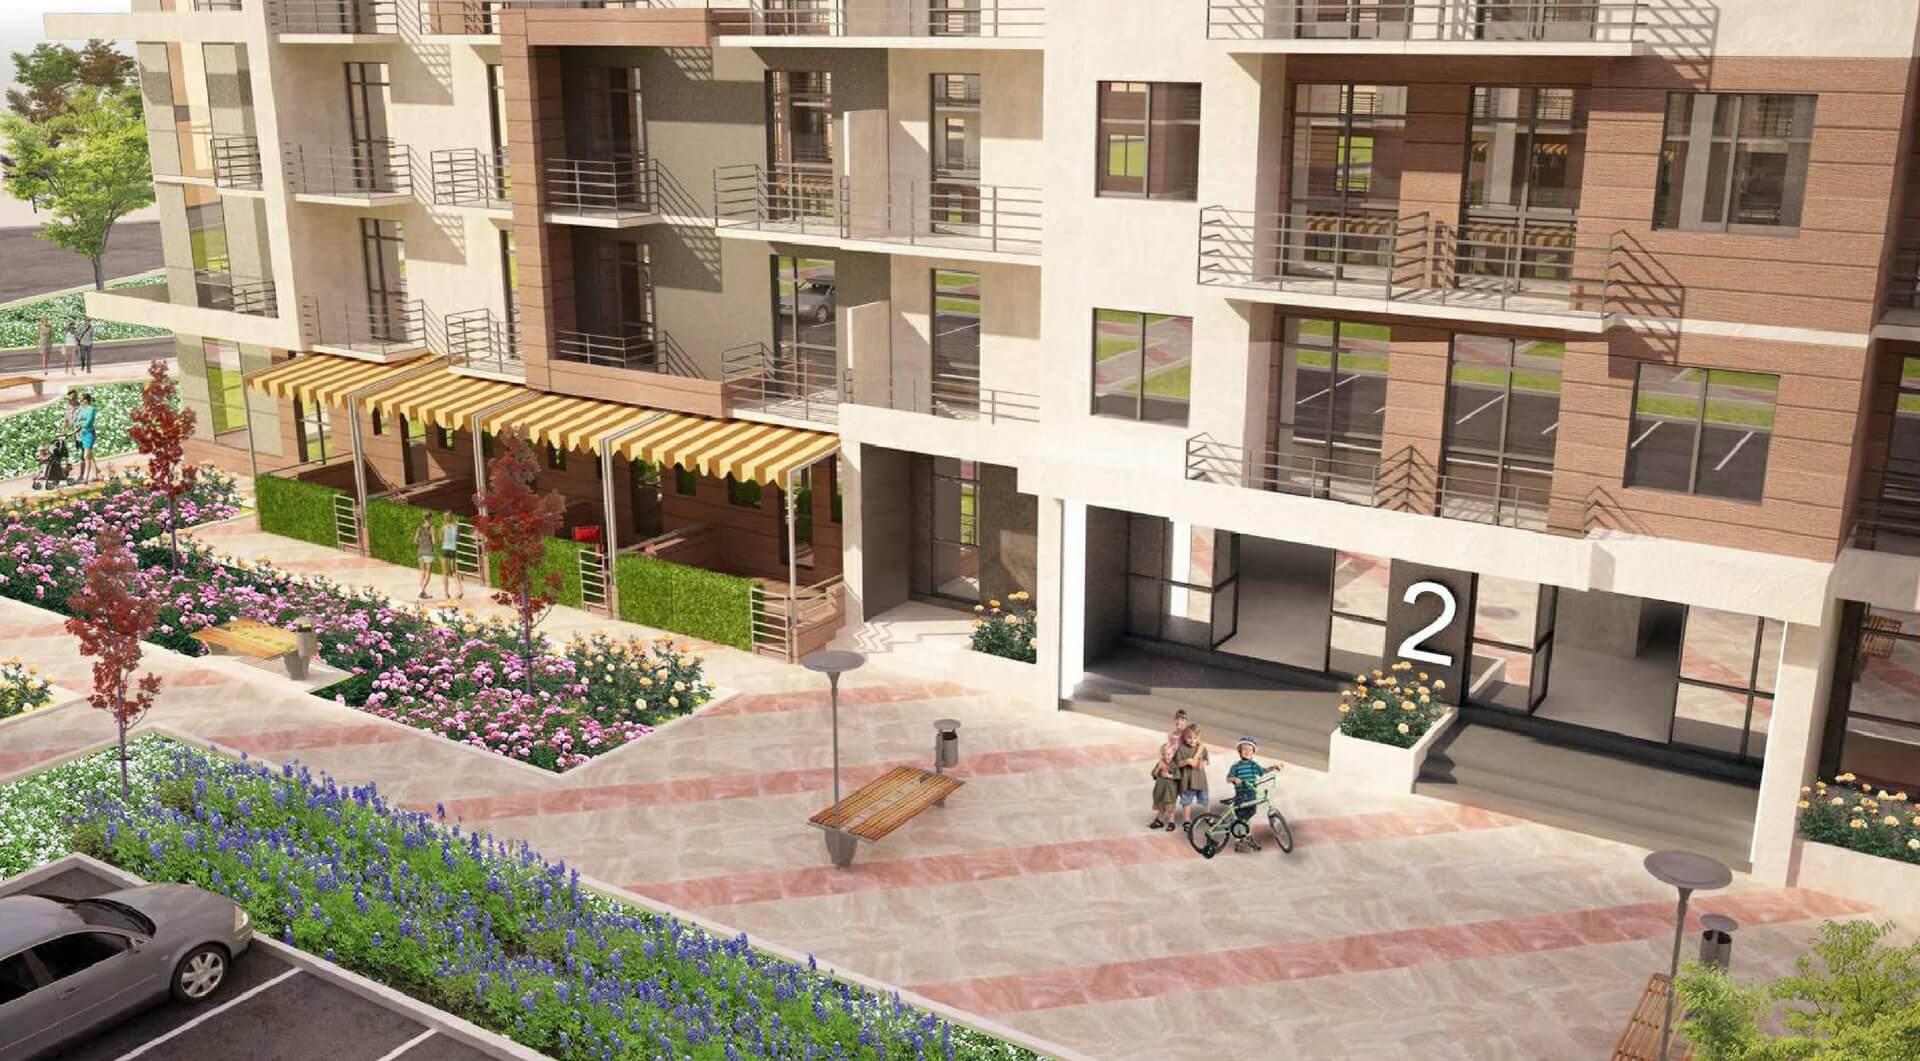 Апартаменты в самом масштабном апартаментом комлексе - image Apartamenty-v-samom-masshtabnom-apartamentom-komlekse-6 on http://bizneskvartal.ru